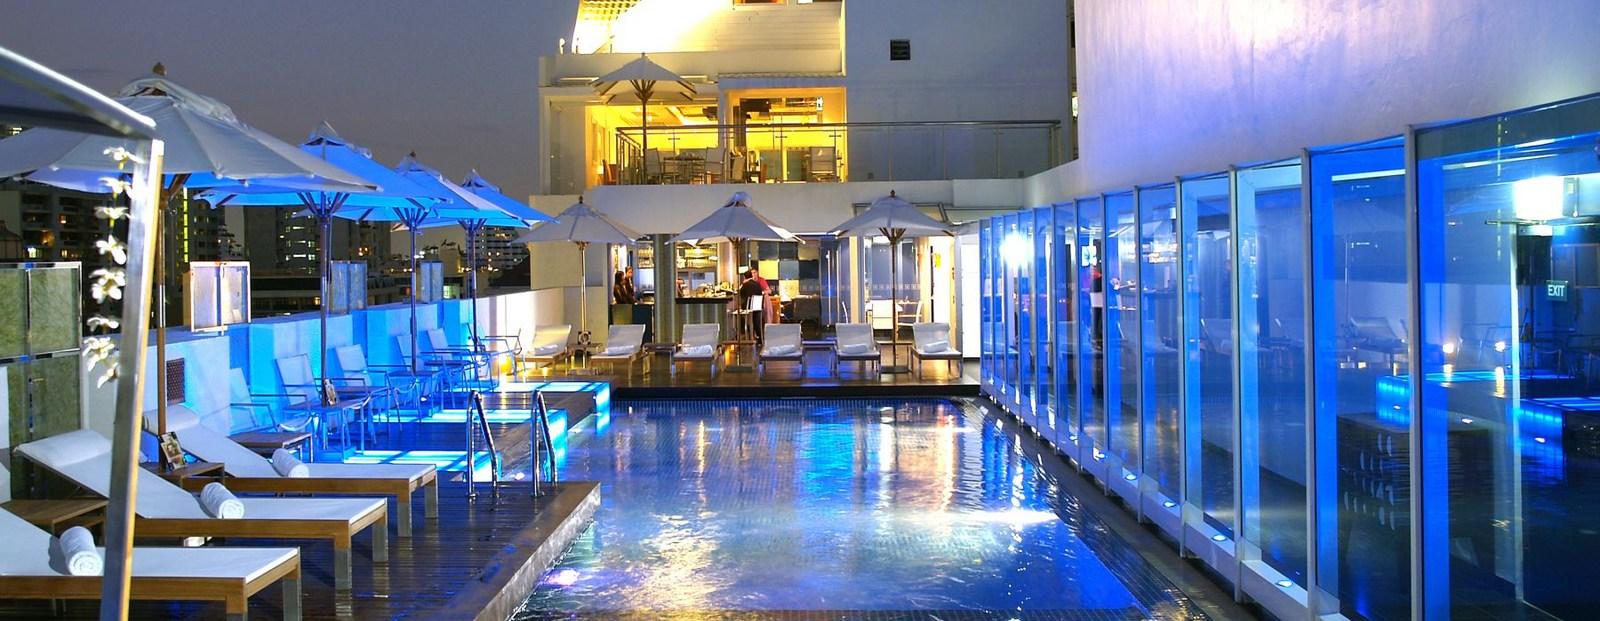 http://www.dreamhotels.com